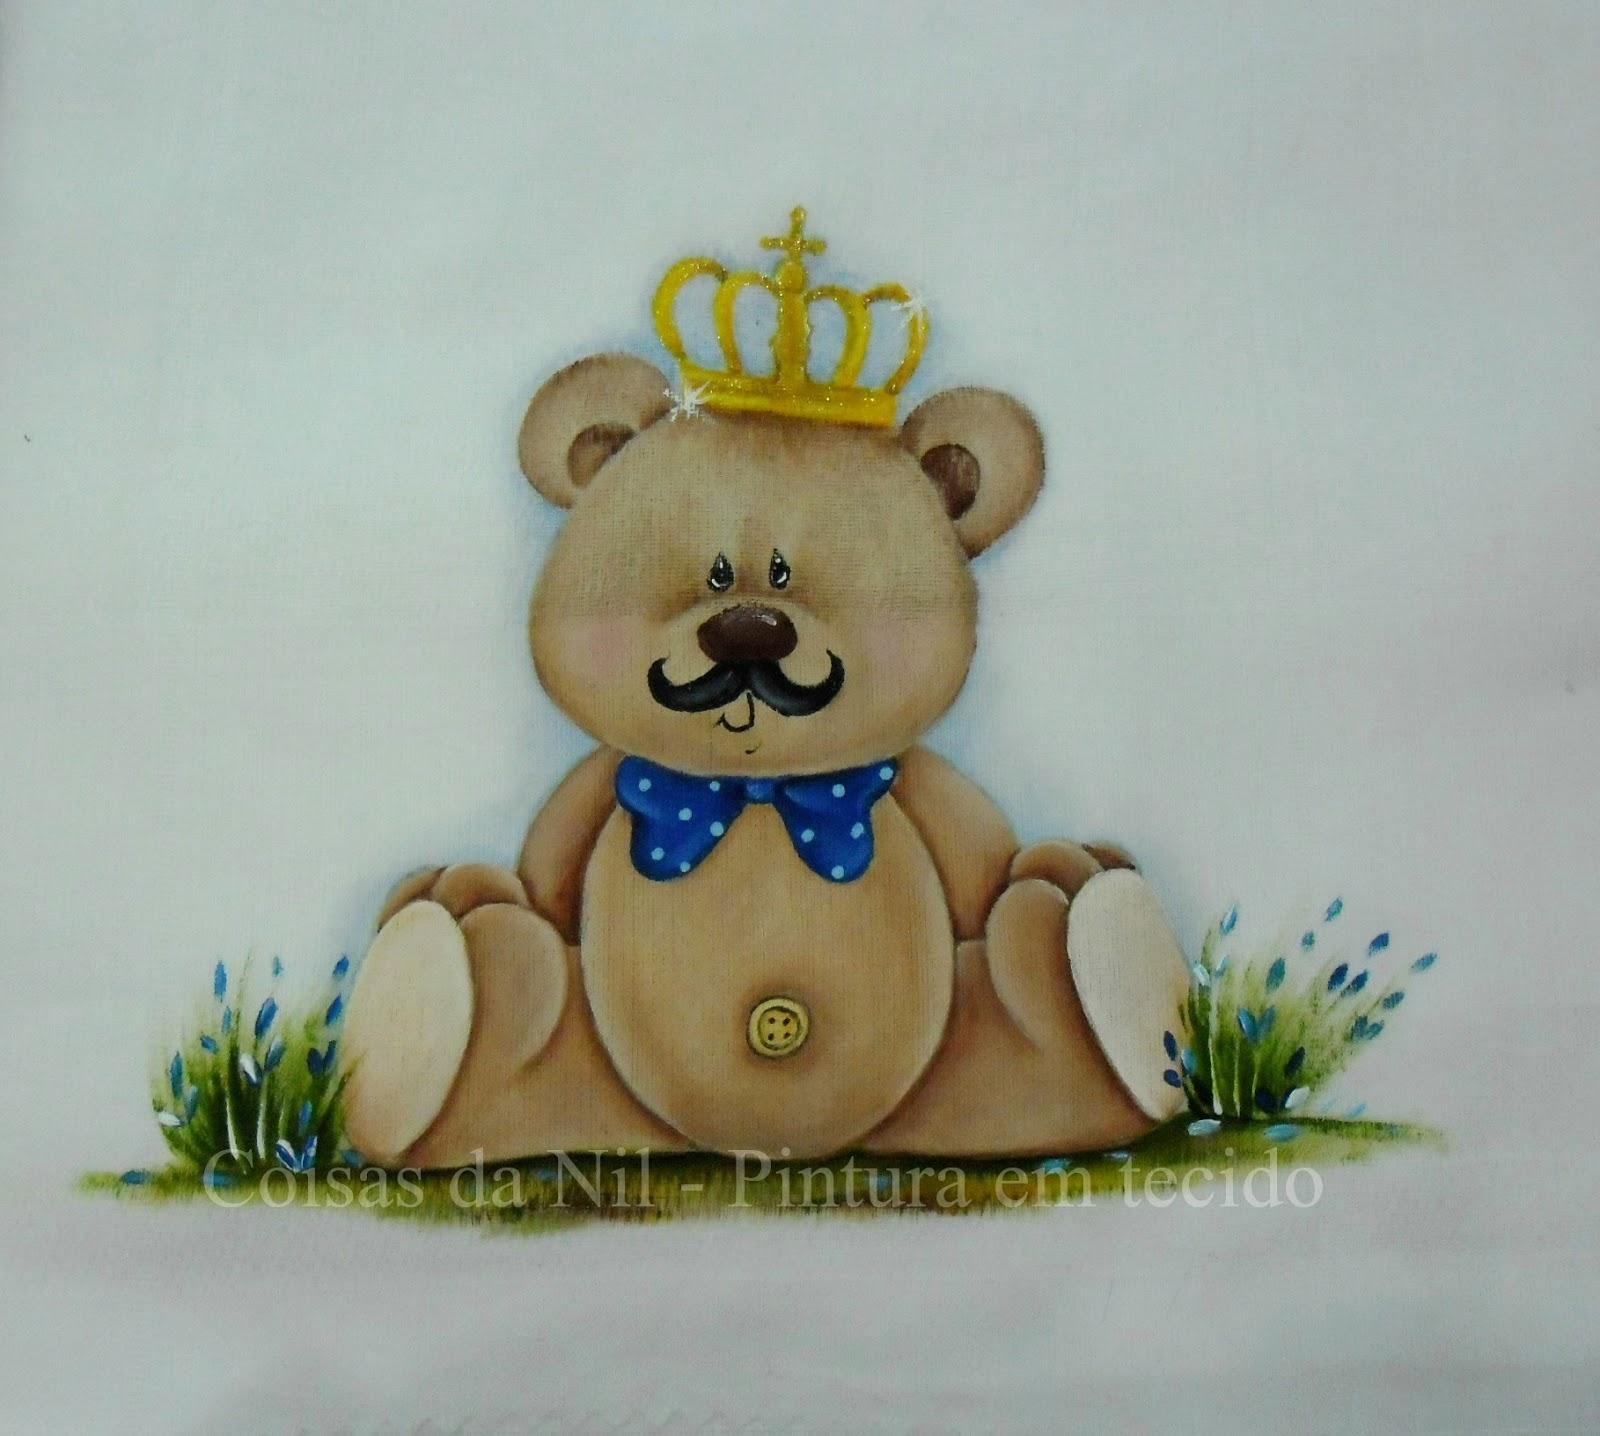 Coisas Da Nil Pintura Em Tecido Ursinho Principe Bigodudo